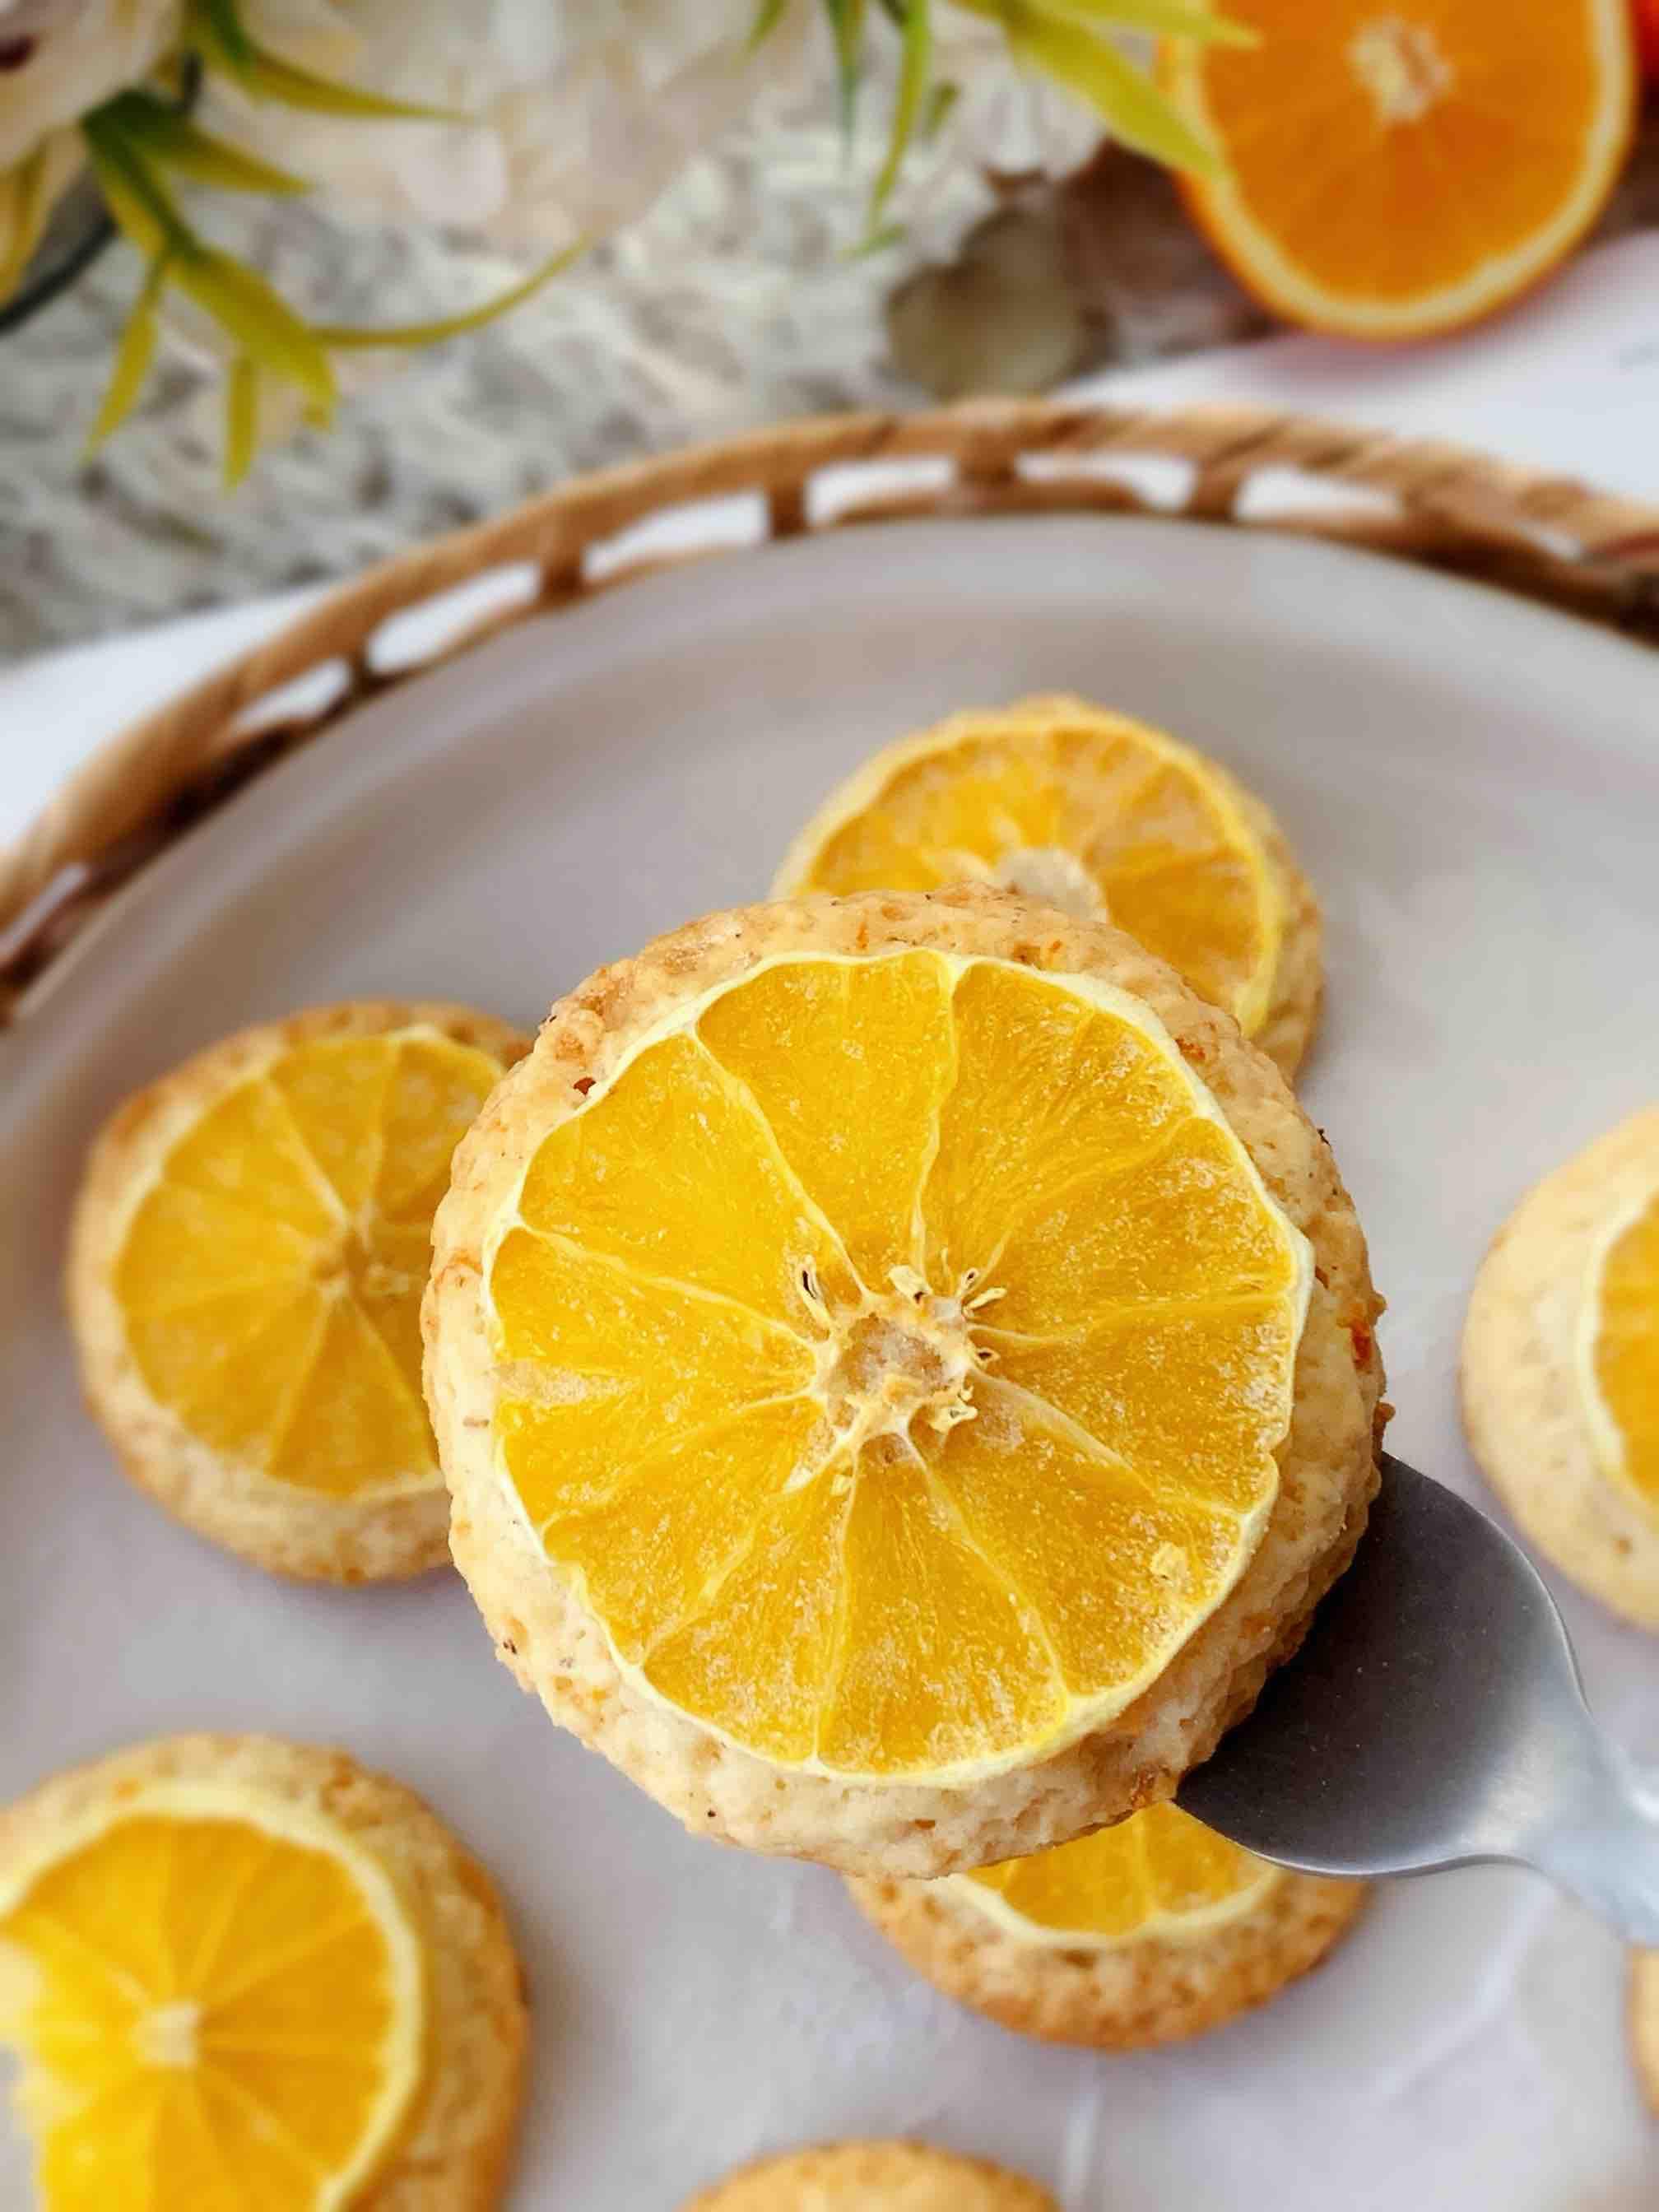 香橙司康成品图